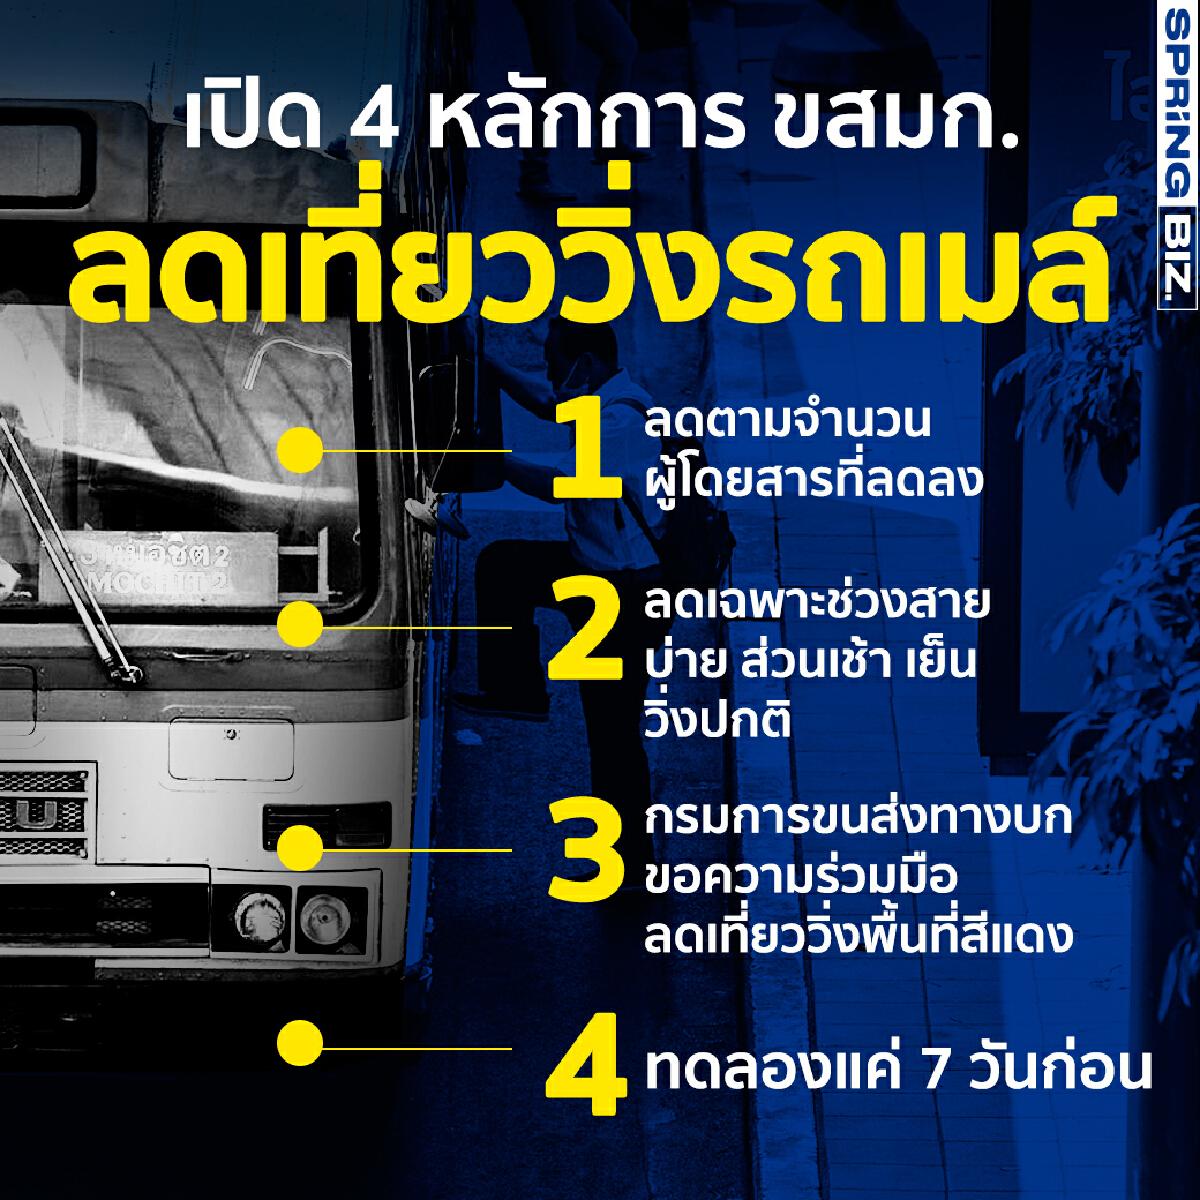 เปิด 4 หลักการ องค์การขนส่งมวลชนกรุงเทพฯ ลดเที่ยววิ่งรถเมล์ขสมก.